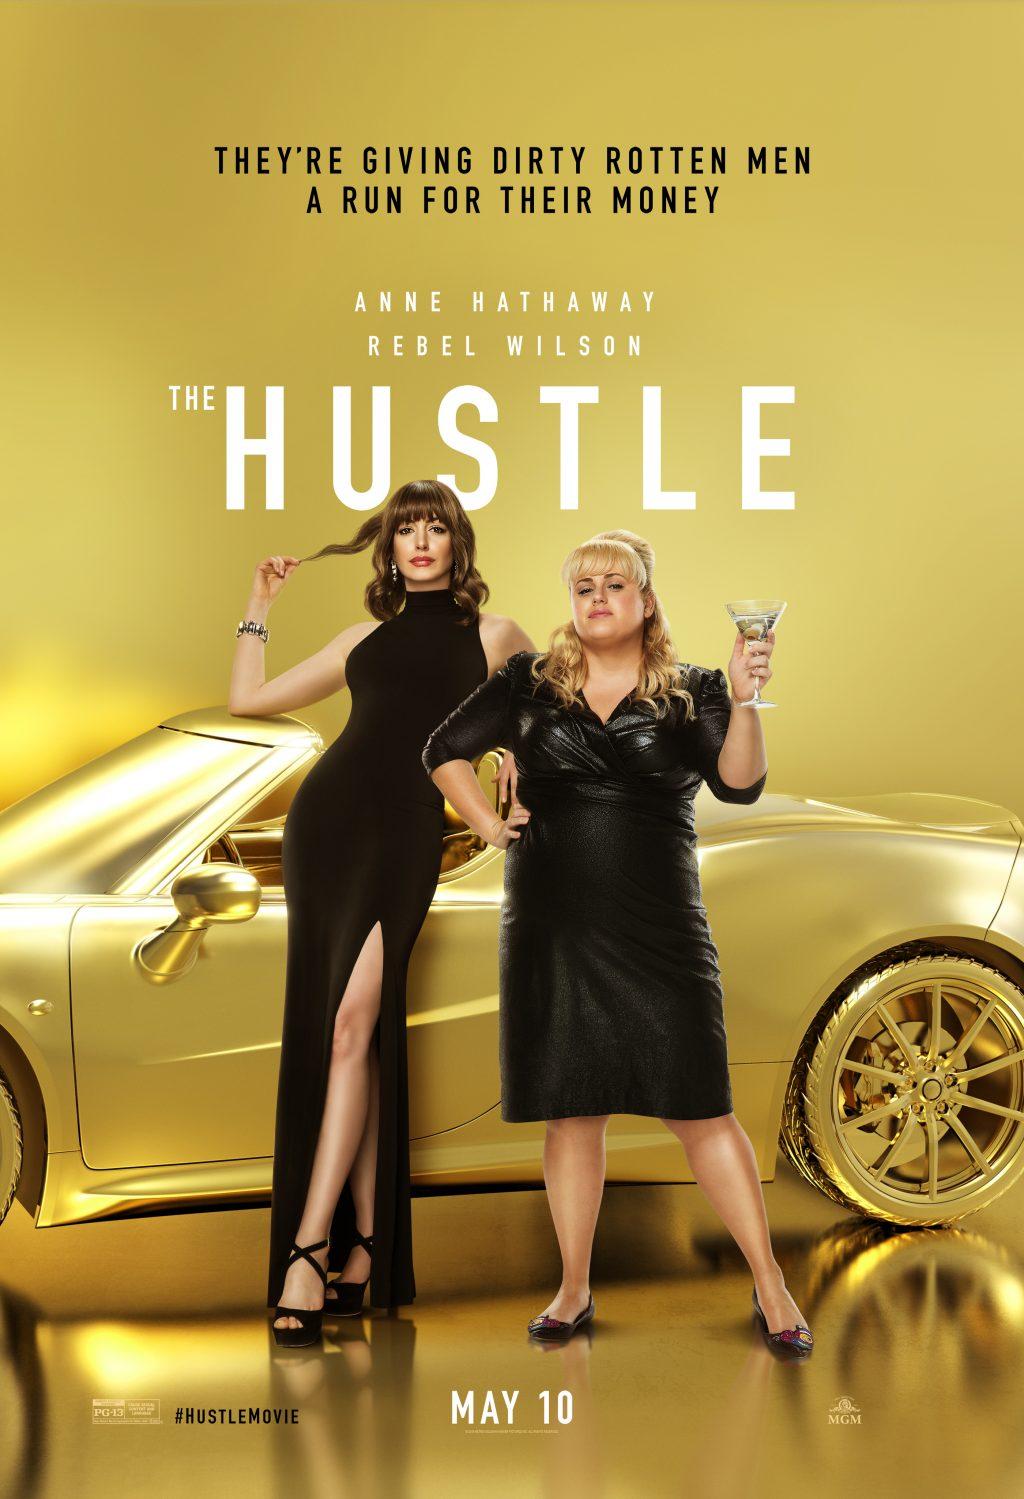 THE HUSTLE Filmplakat